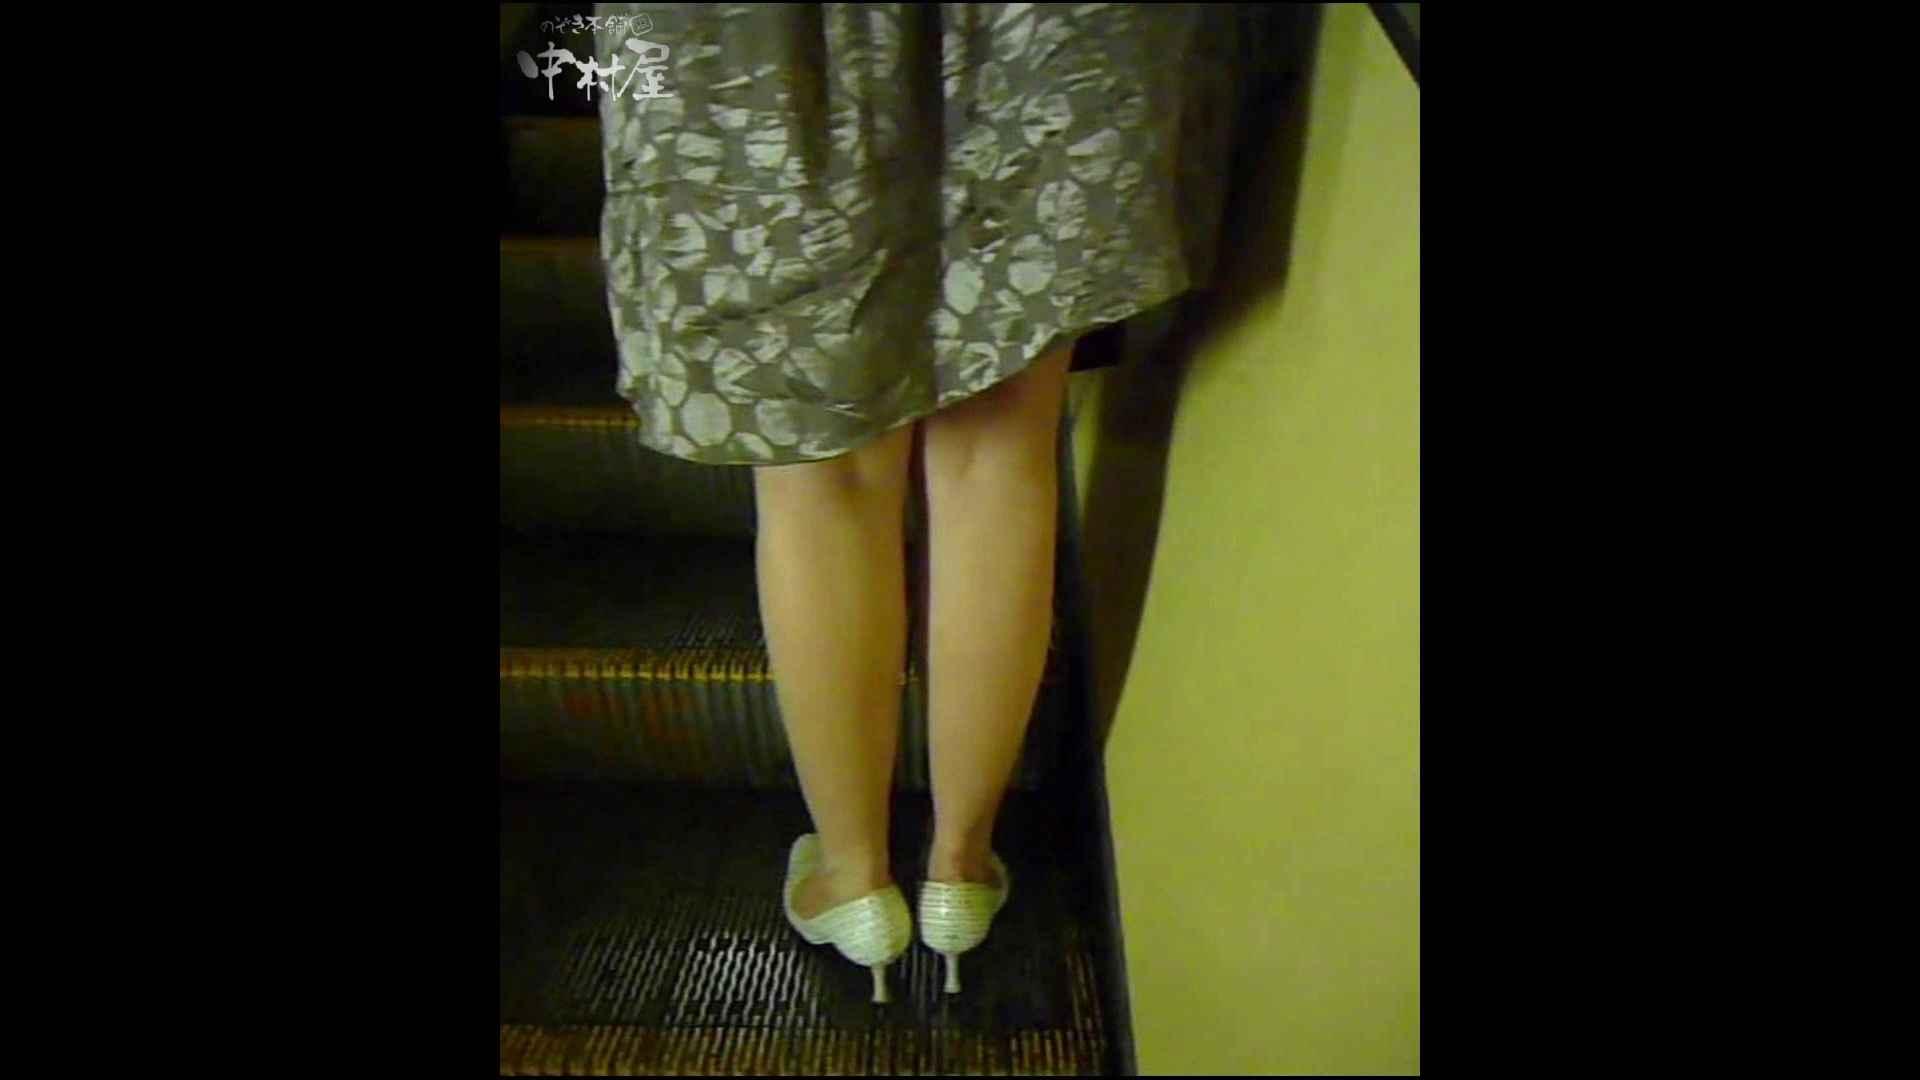 綺麗なモデルさんのスカート捲っちゃおう‼ vol26 モデル われめAV動画紹介 80pic 71